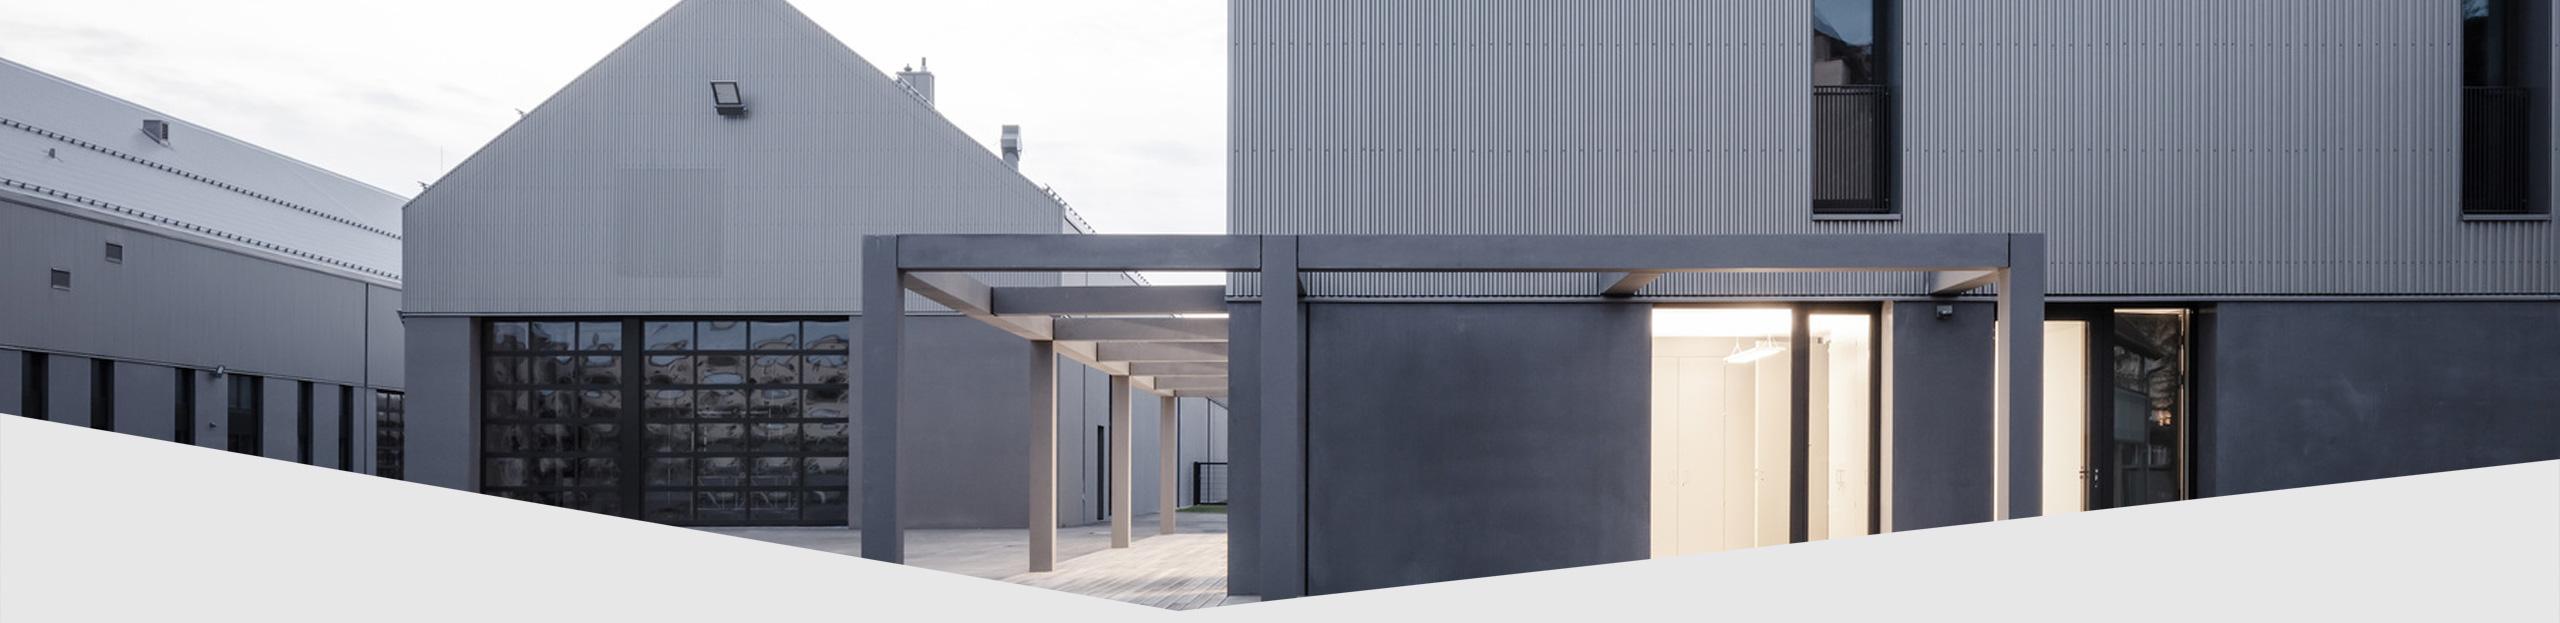 Fasade Hoffmann GmbH Thyrnau Passau - Spenglerei Heizung Lüftung Sanitär Foliendäche